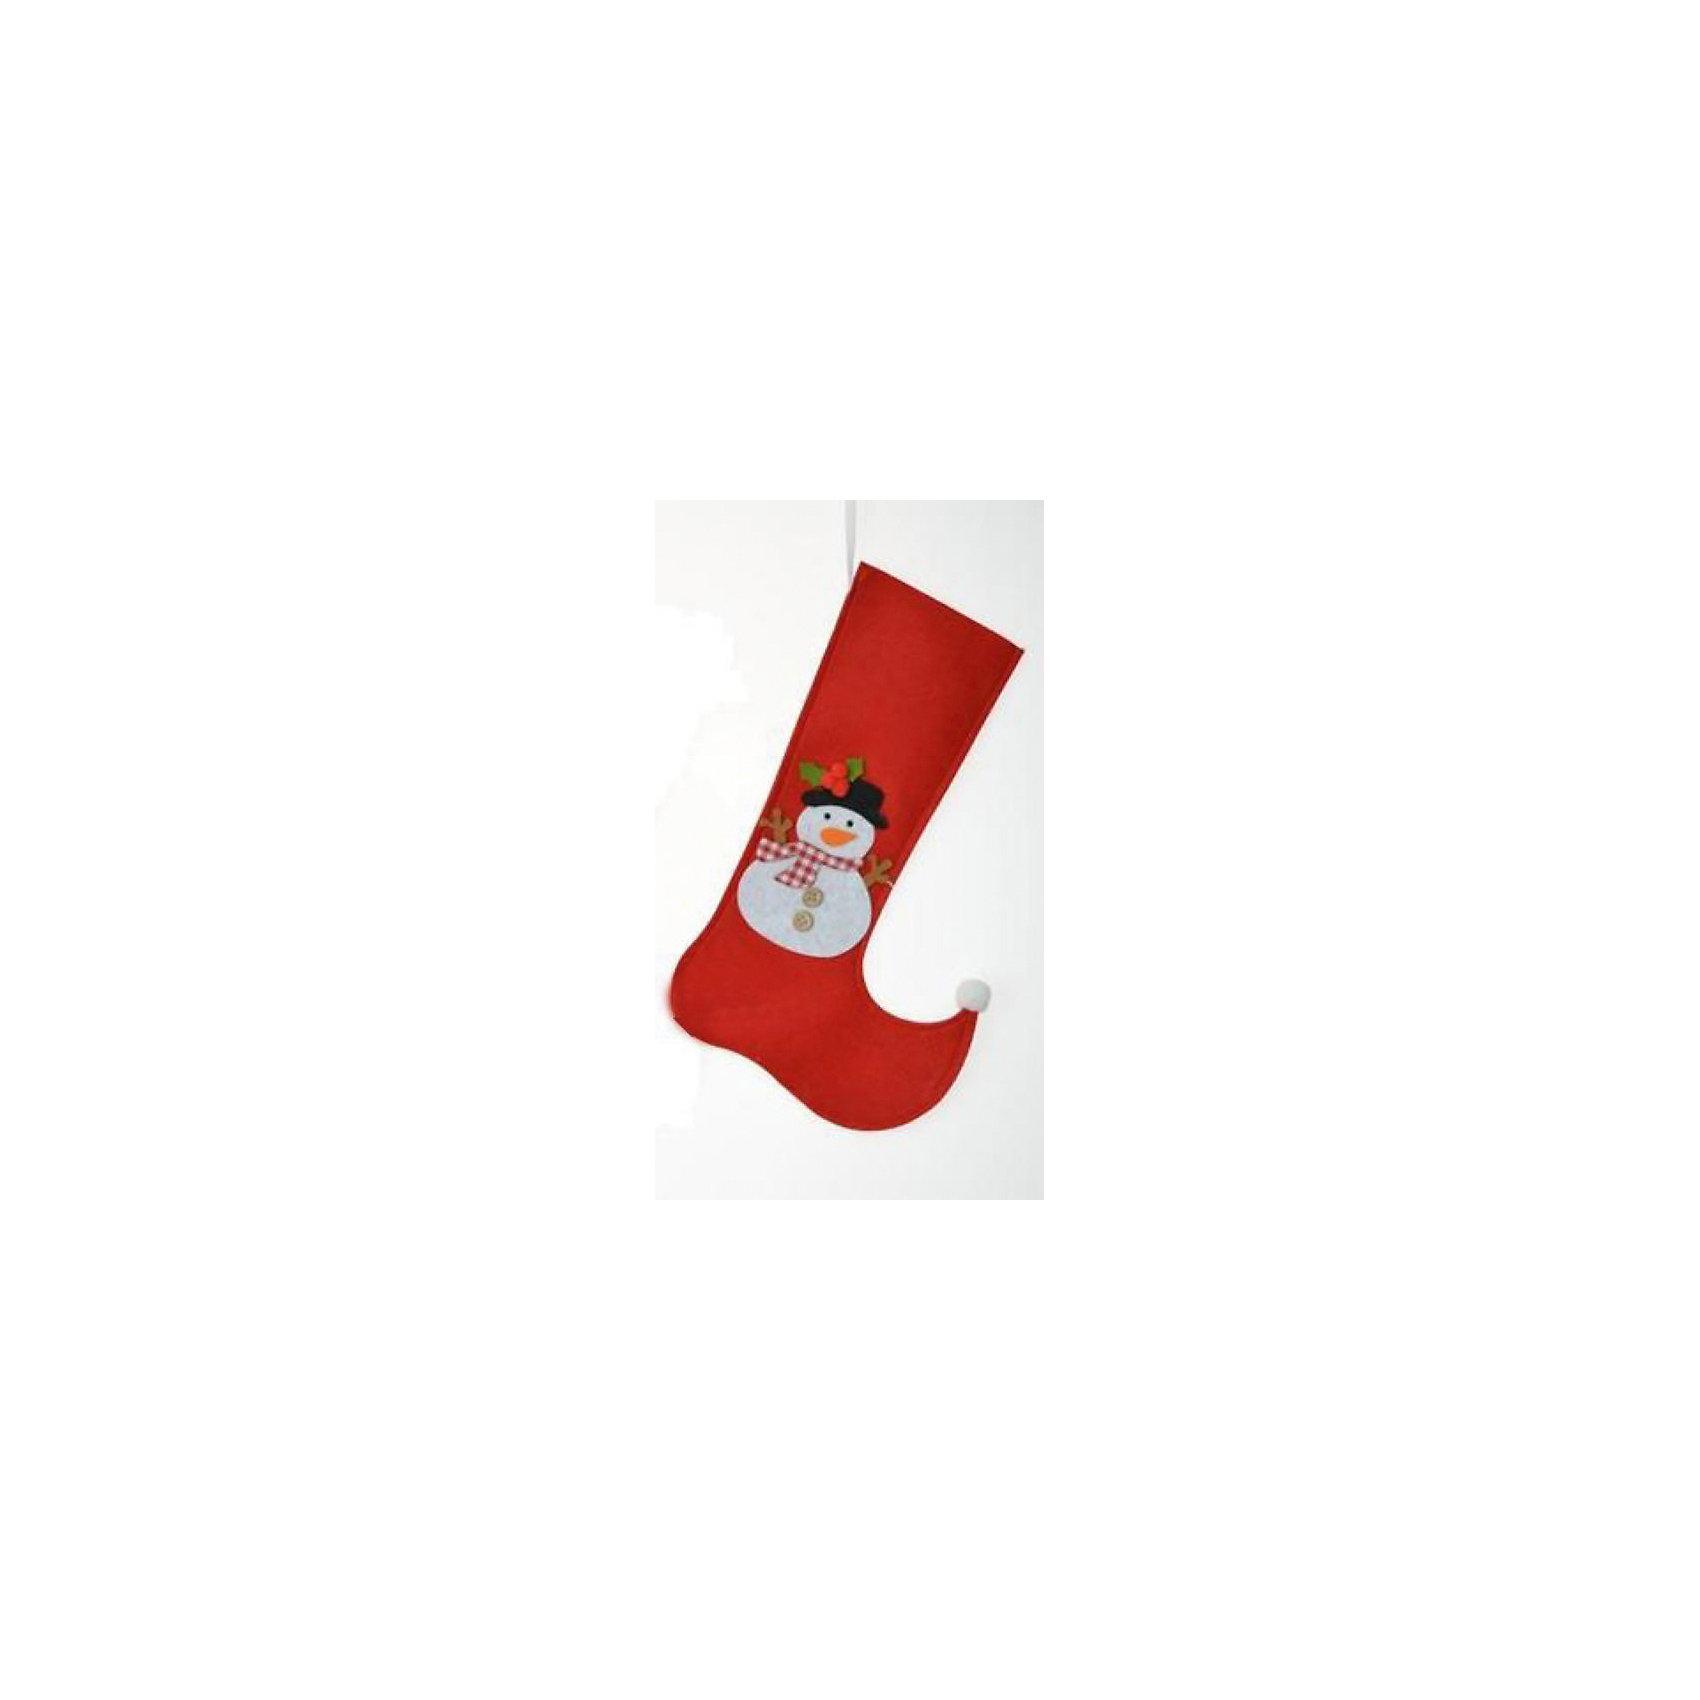 Подвесное украшение Сапожок со снеговиком 17*29 смПодвесное украшение Сапожок со снеговиком 17*29 см – этот новогодний аксессуар принесет в ваш дом волшебство и красоту праздника.<br>Подвесное украшение Сапожок со снеговиком - это незаменимый элемент новогоднего и рождественского домашнего декора, а также отличная упаковка для новогоднего подарка. Положенный в него подарок будет запоминающимся и принесёт радость вашим детям. Сапожок выполнен из синтетического фетра, декорирован изображением снеговика. С помощью петельки его можно подвесить в любое понравившееся место.<br><br>Дополнительная информация:<br><br>- Размер: 17 х 29 см<br>- Материал: синтетический фетр<br><br>Подвесное украшение Сапожок со снеговиком 17*29 см можно купить в нашем интернет-магазине.<br><br>Ширина мм: 10<br>Глубина мм: 100<br>Высота мм: 250<br>Вес г: 24<br>Возраст от месяцев: 36<br>Возраст до месяцев: 2147483647<br>Пол: Унисекс<br>Возраст: Детский<br>SKU: 4274764